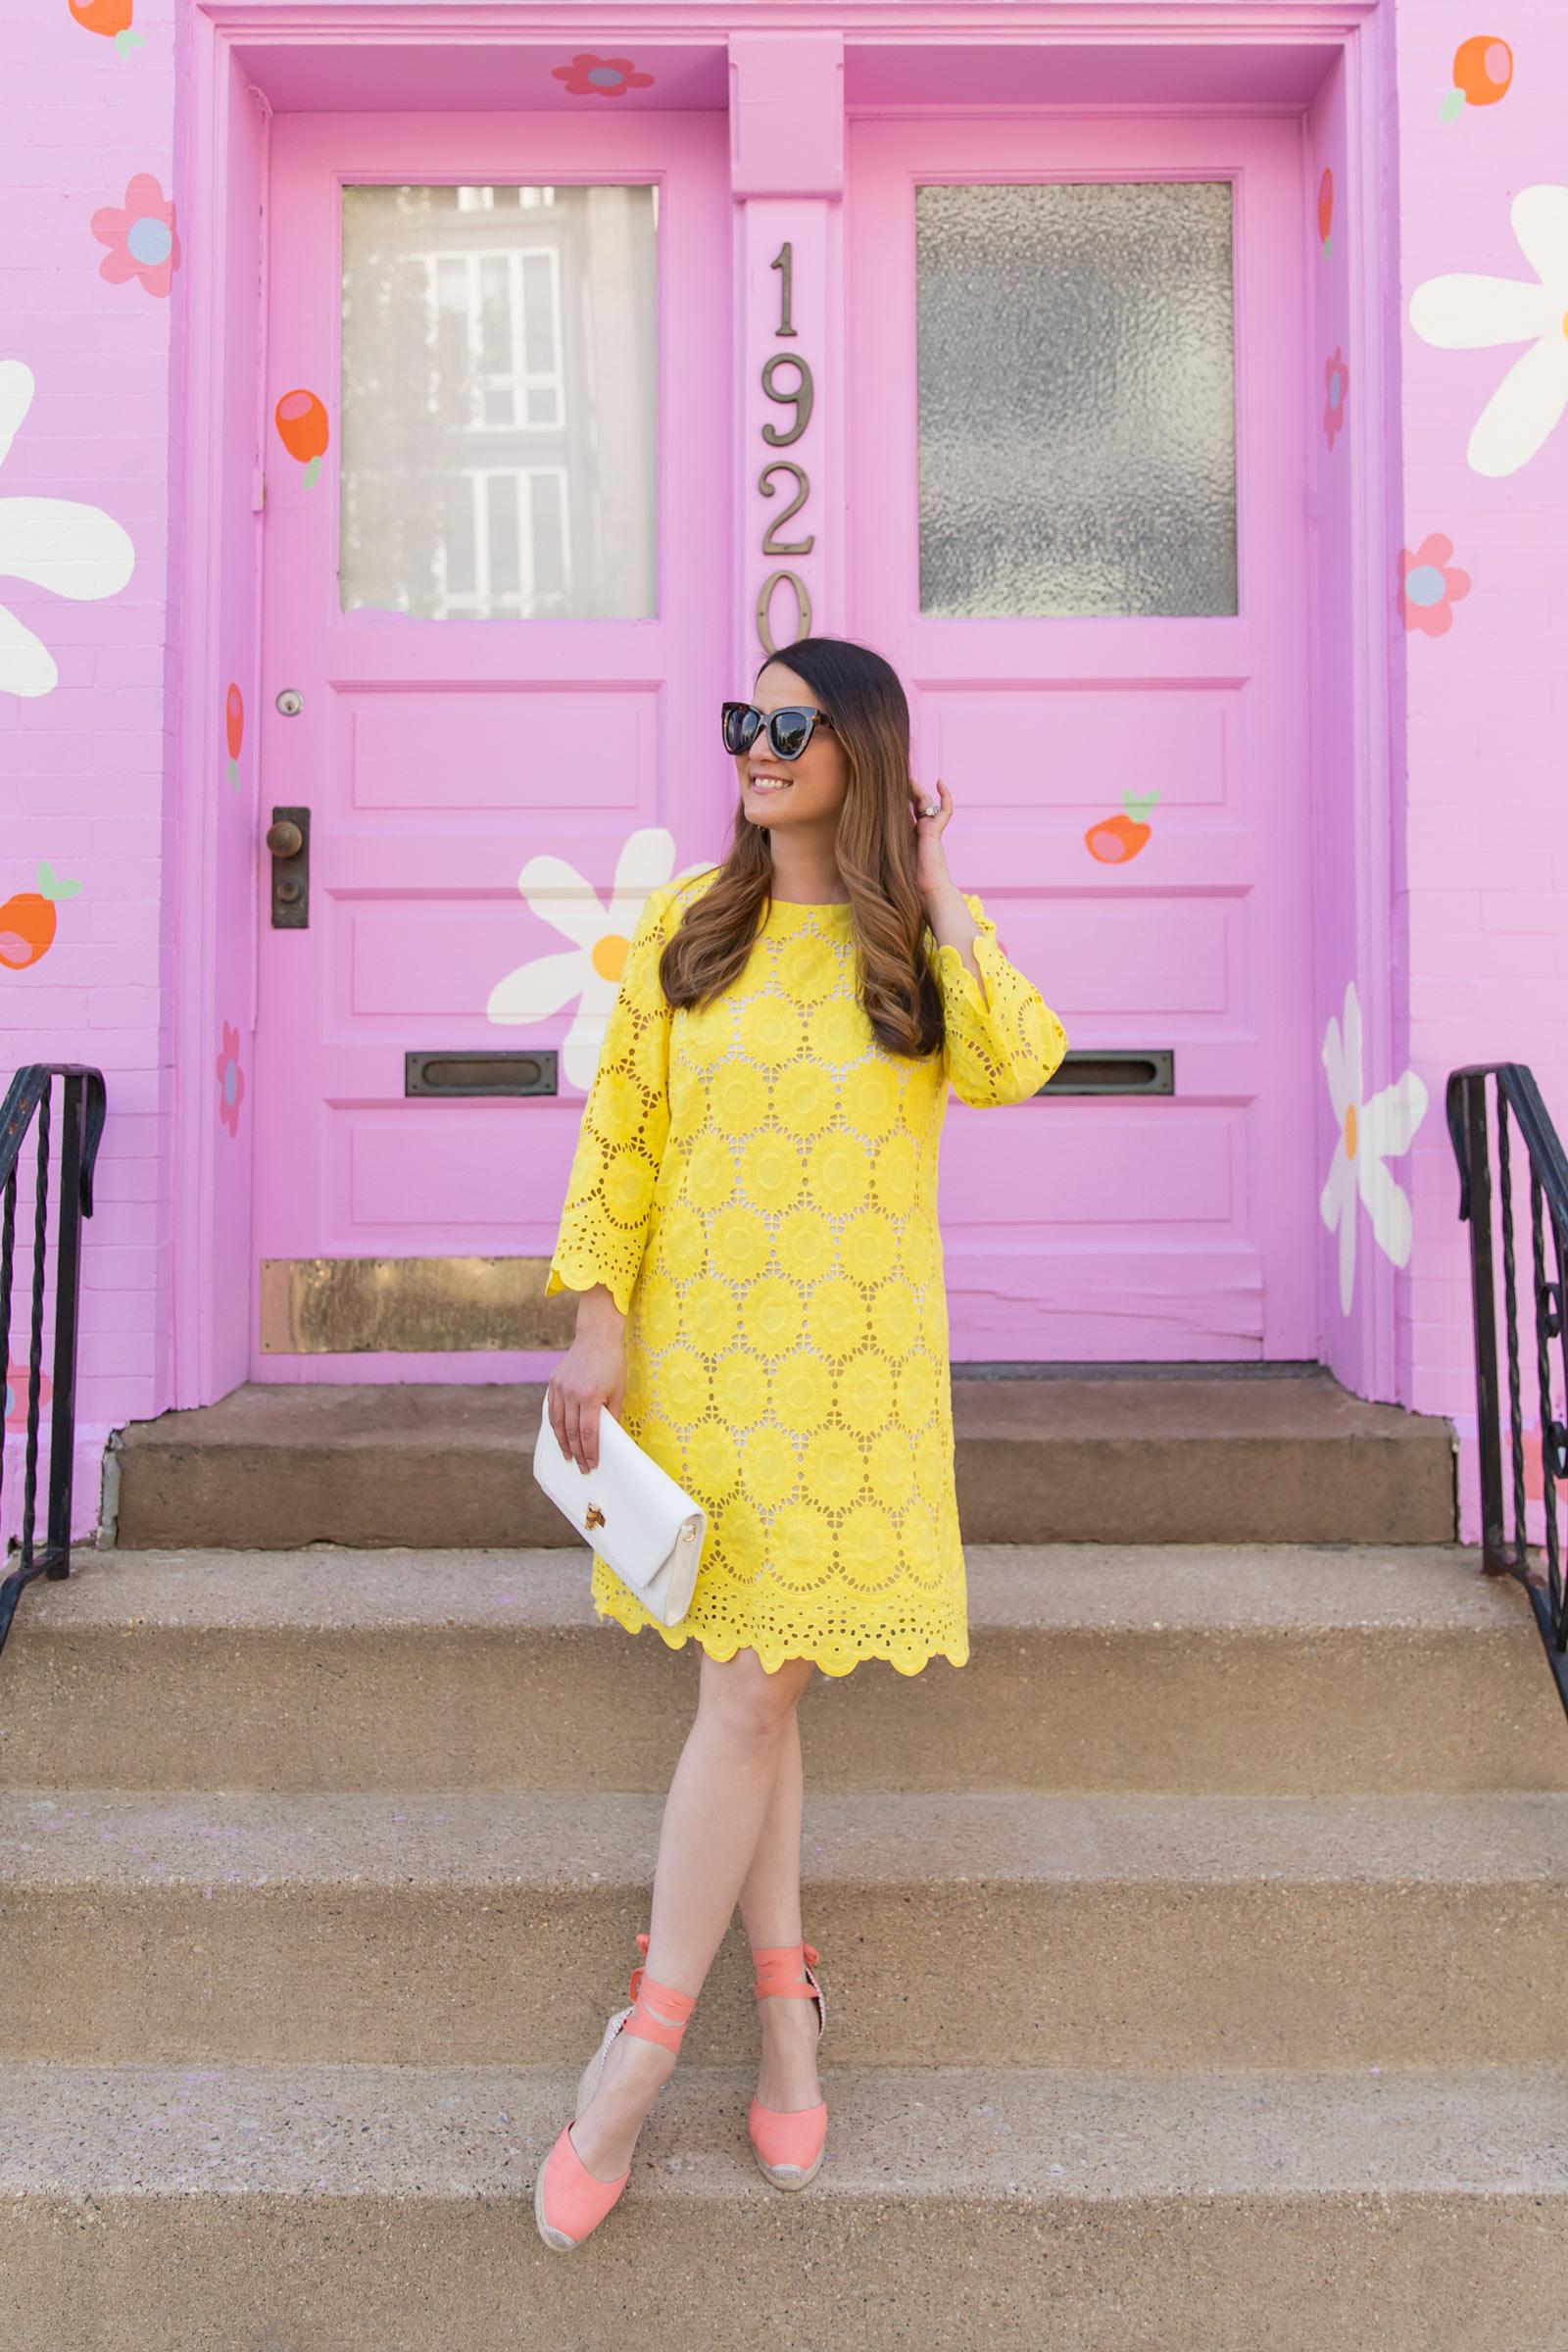 Lilly Pulitzer Mariella Dress